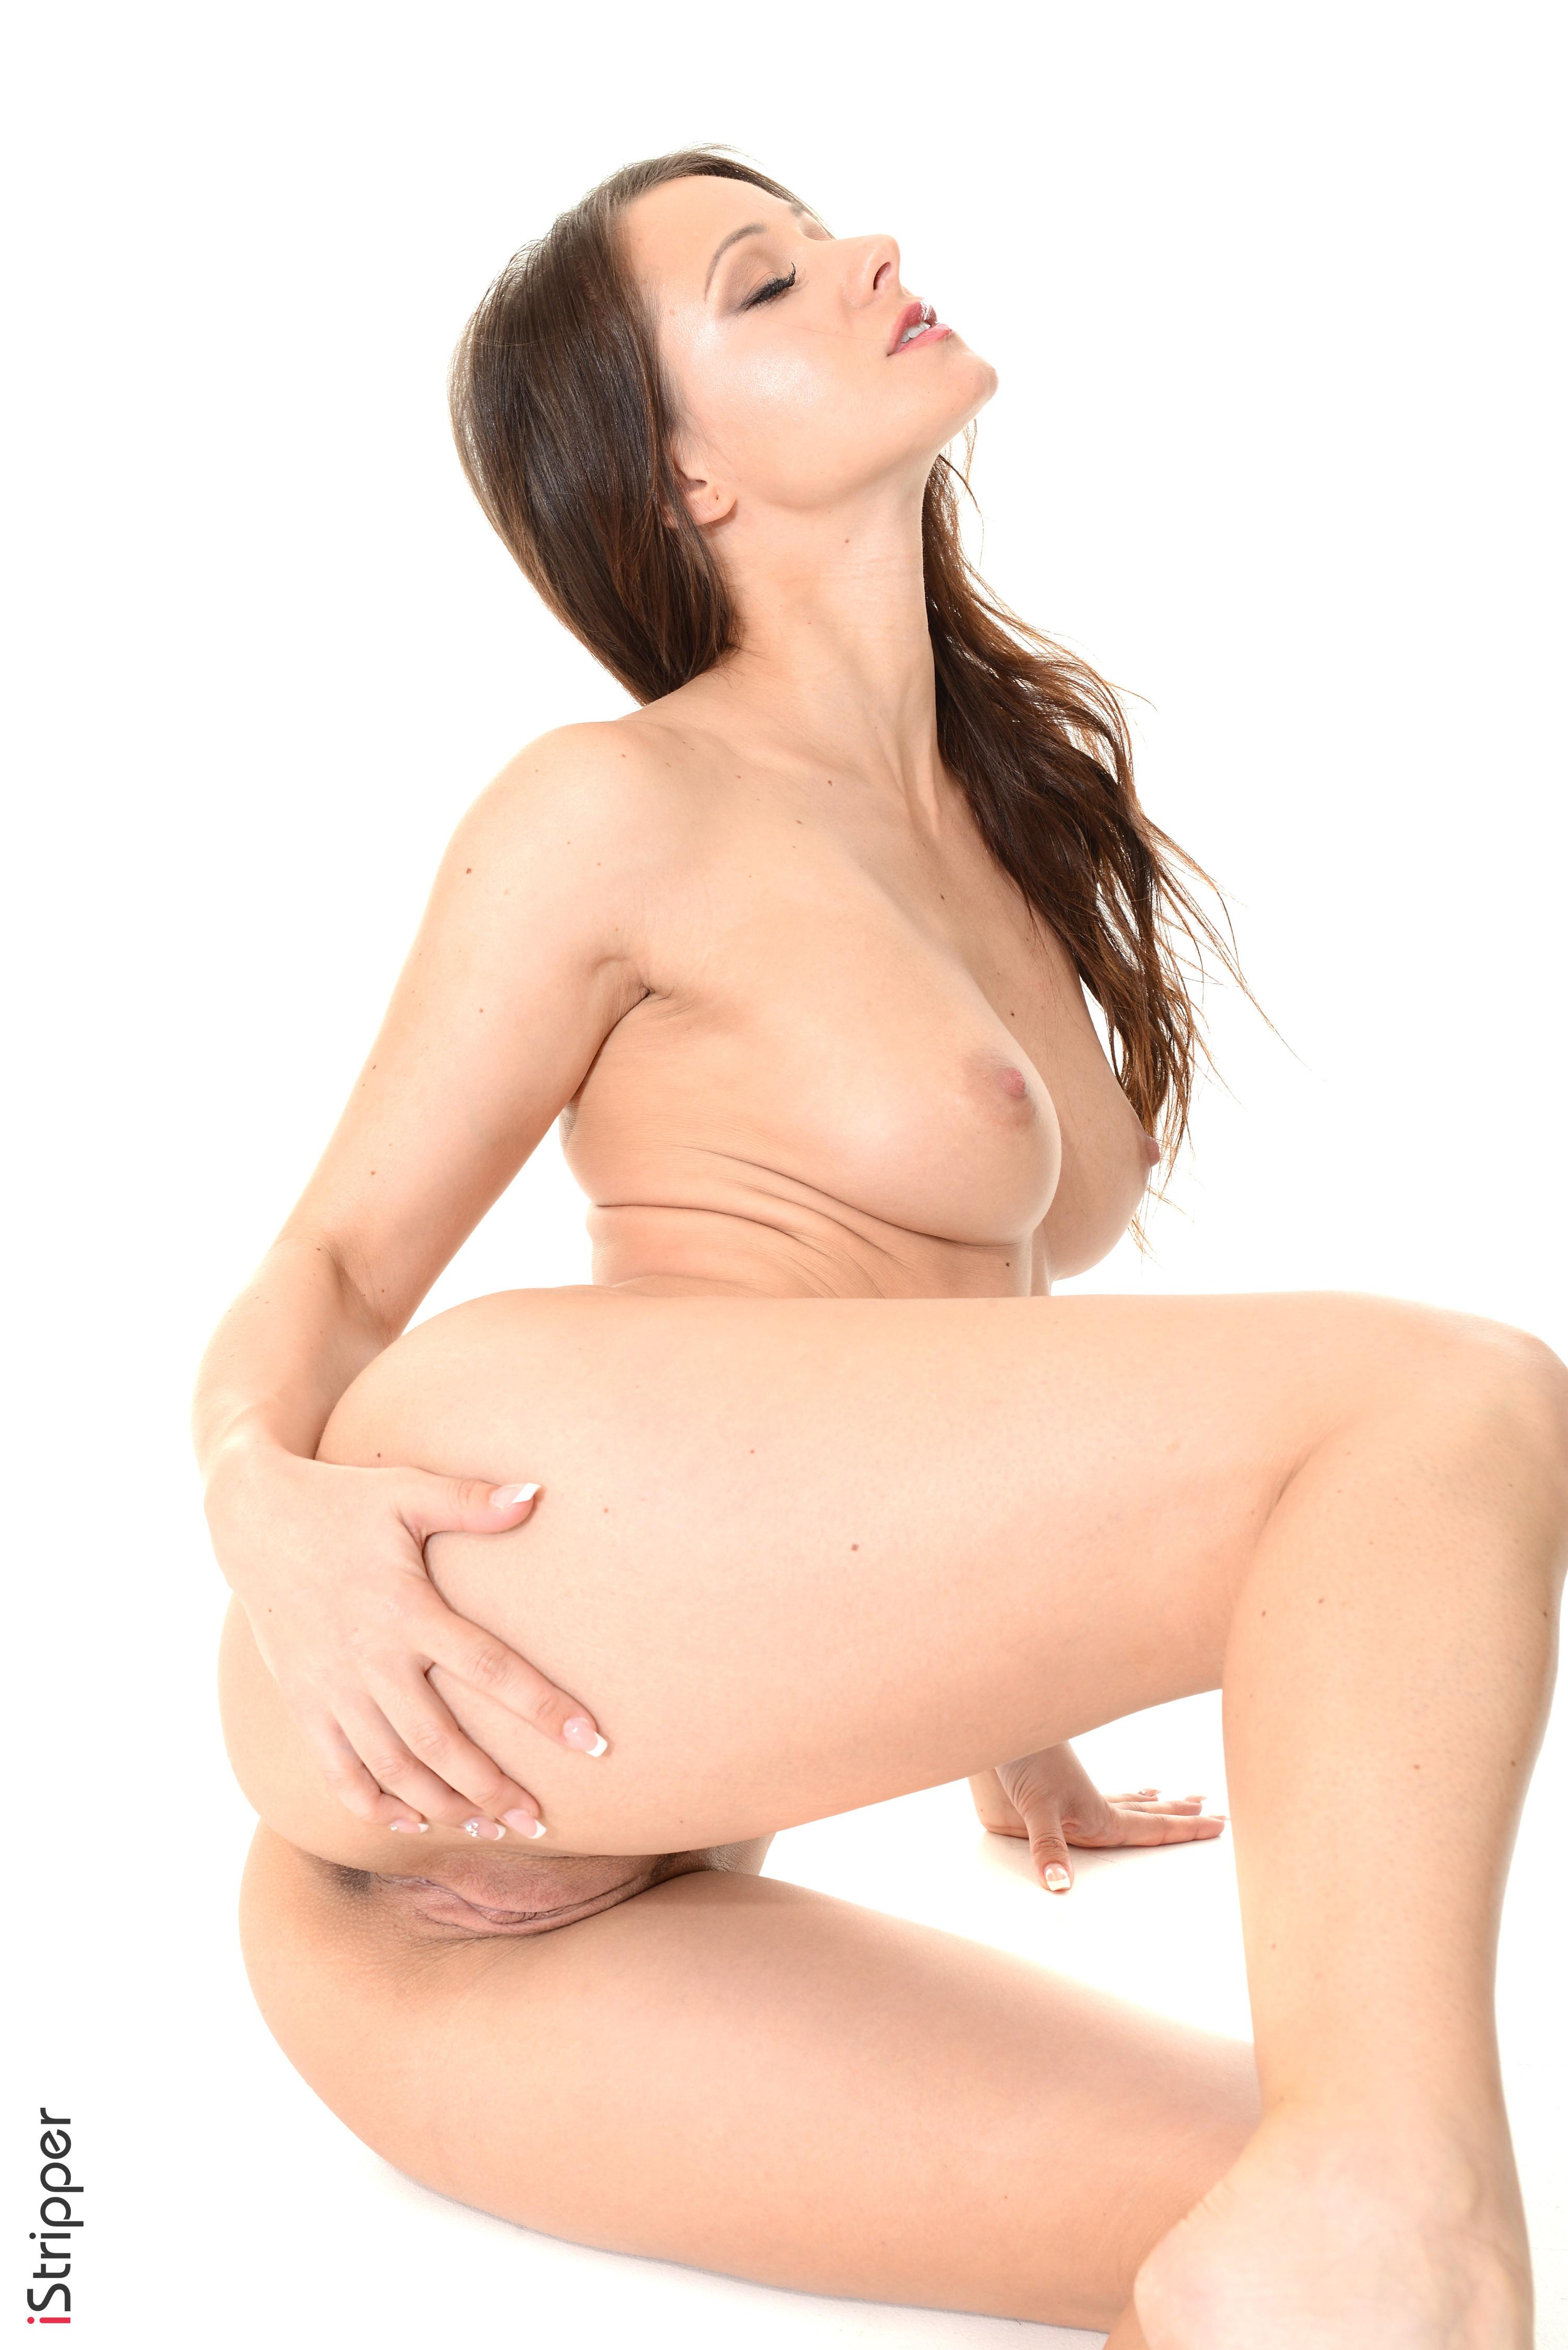 nude women wallpaper hd